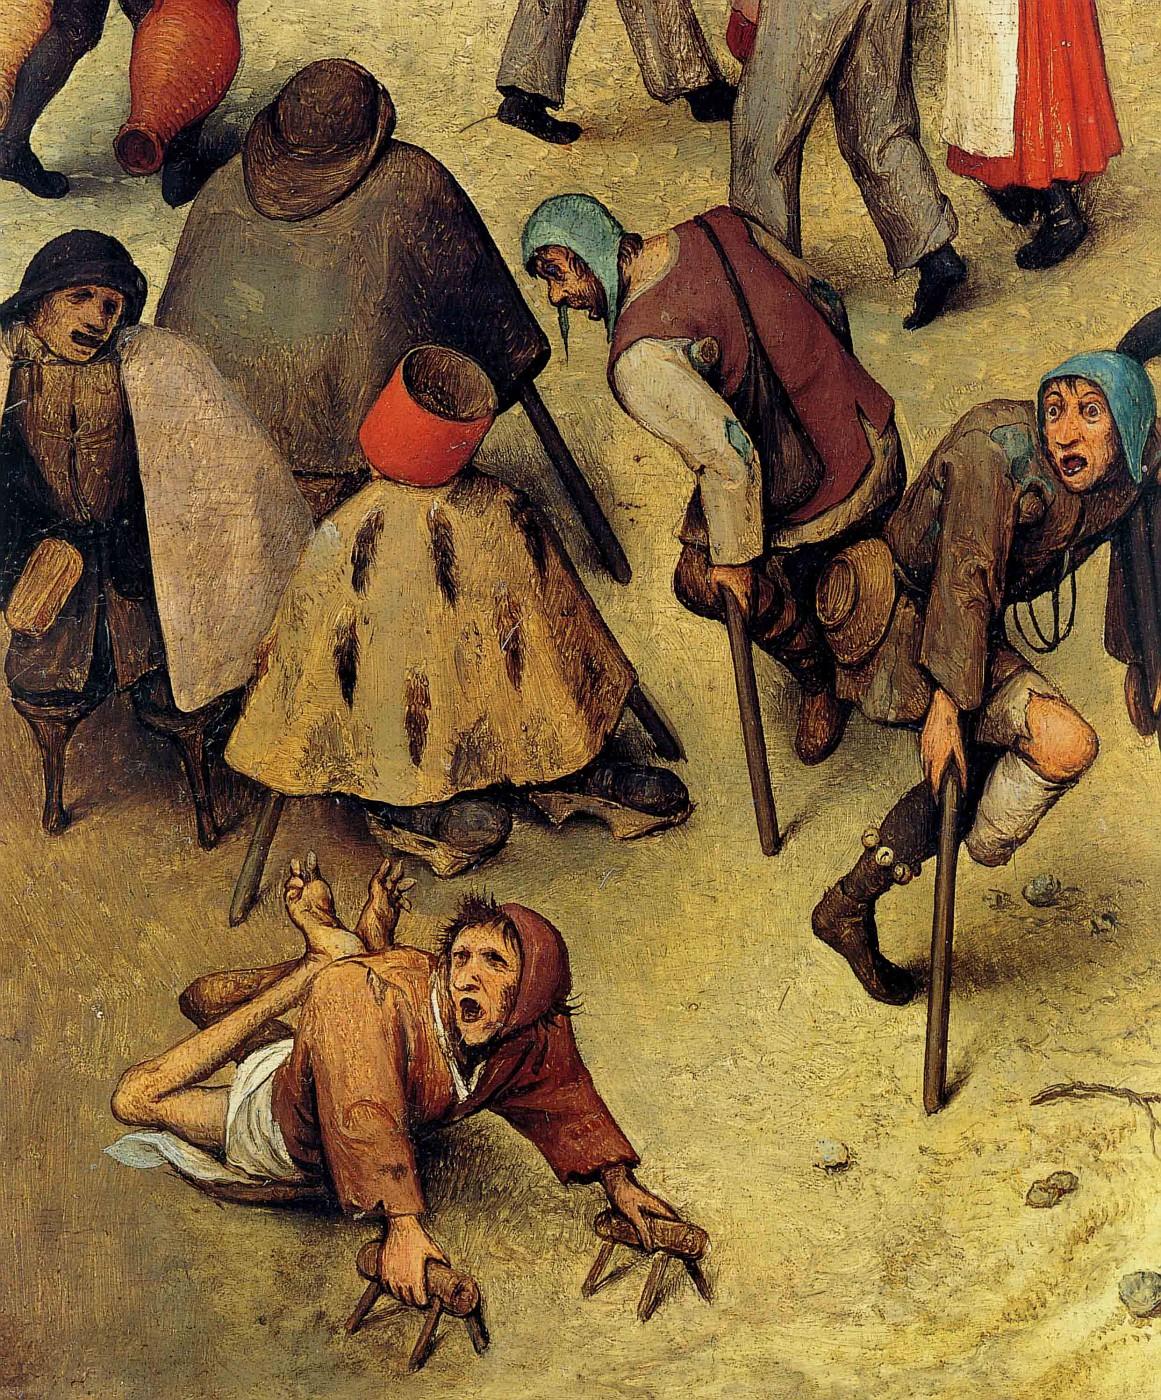 [Clio Team] 1559 Bruegel l'Ancien Le combat de Carnaval et de CarИme, dВtail les mutilВs,  The combat of Carnival and Lent, detail mutilated.jpg